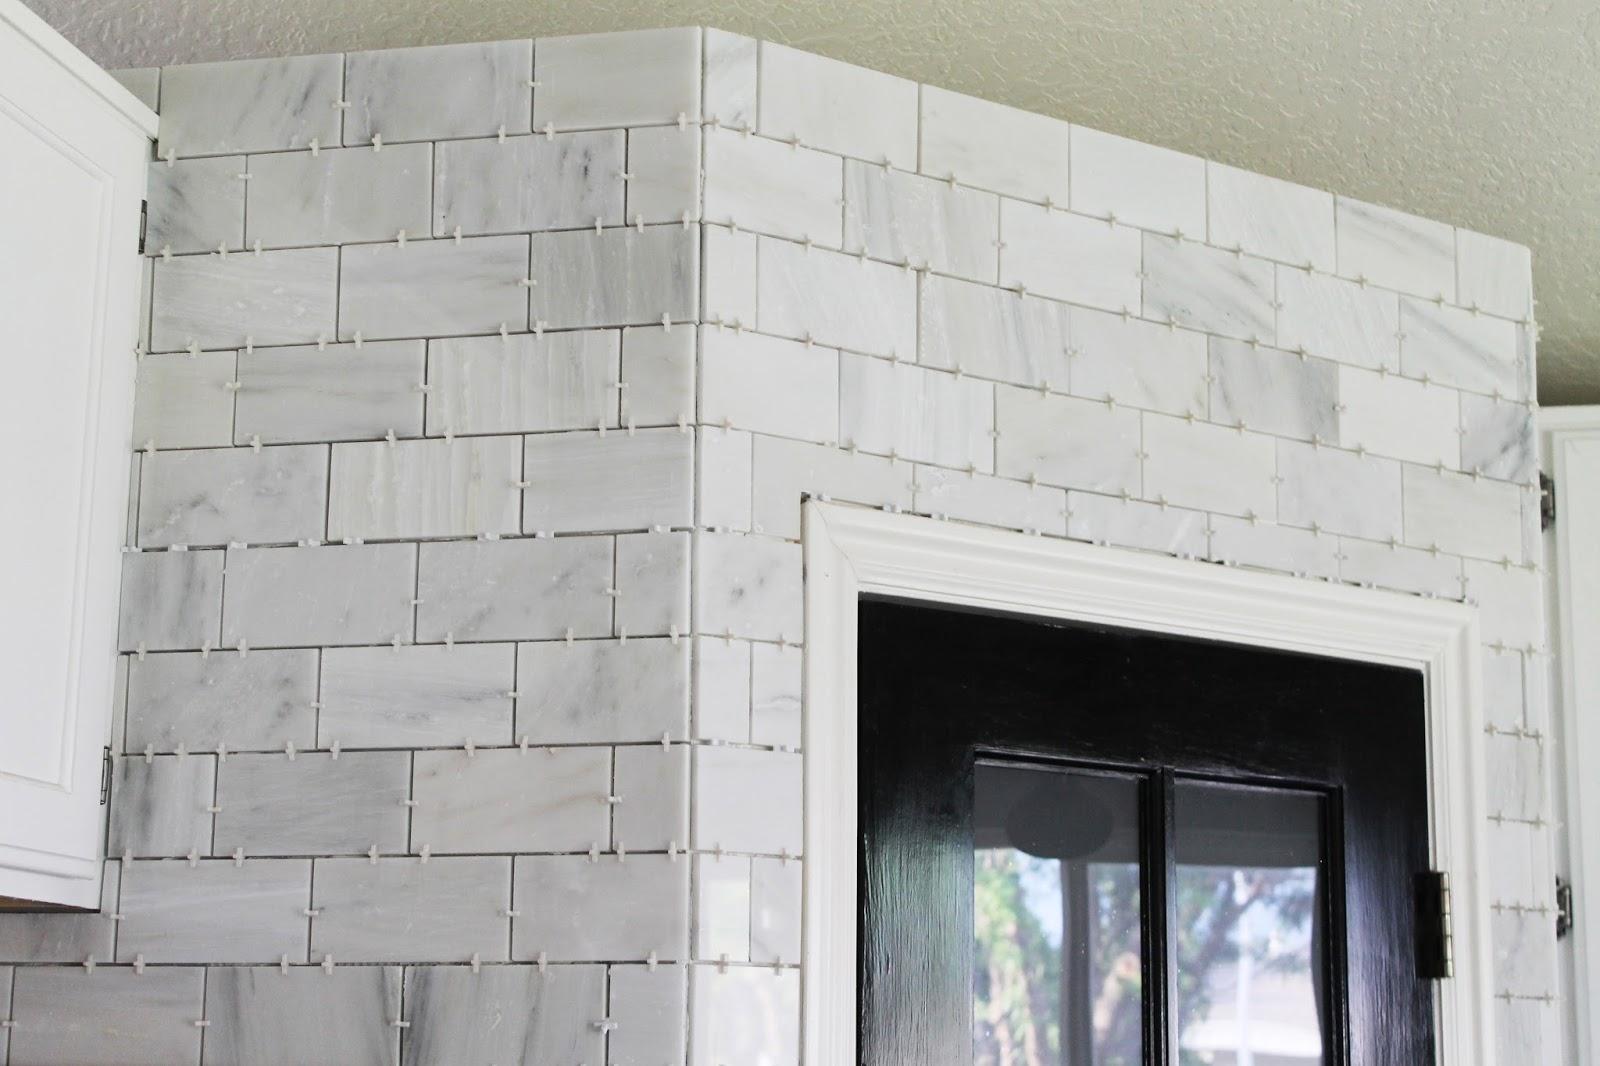 The marble tile installed chris loves julia the marble tileinstalled dailygadgetfo Gallery